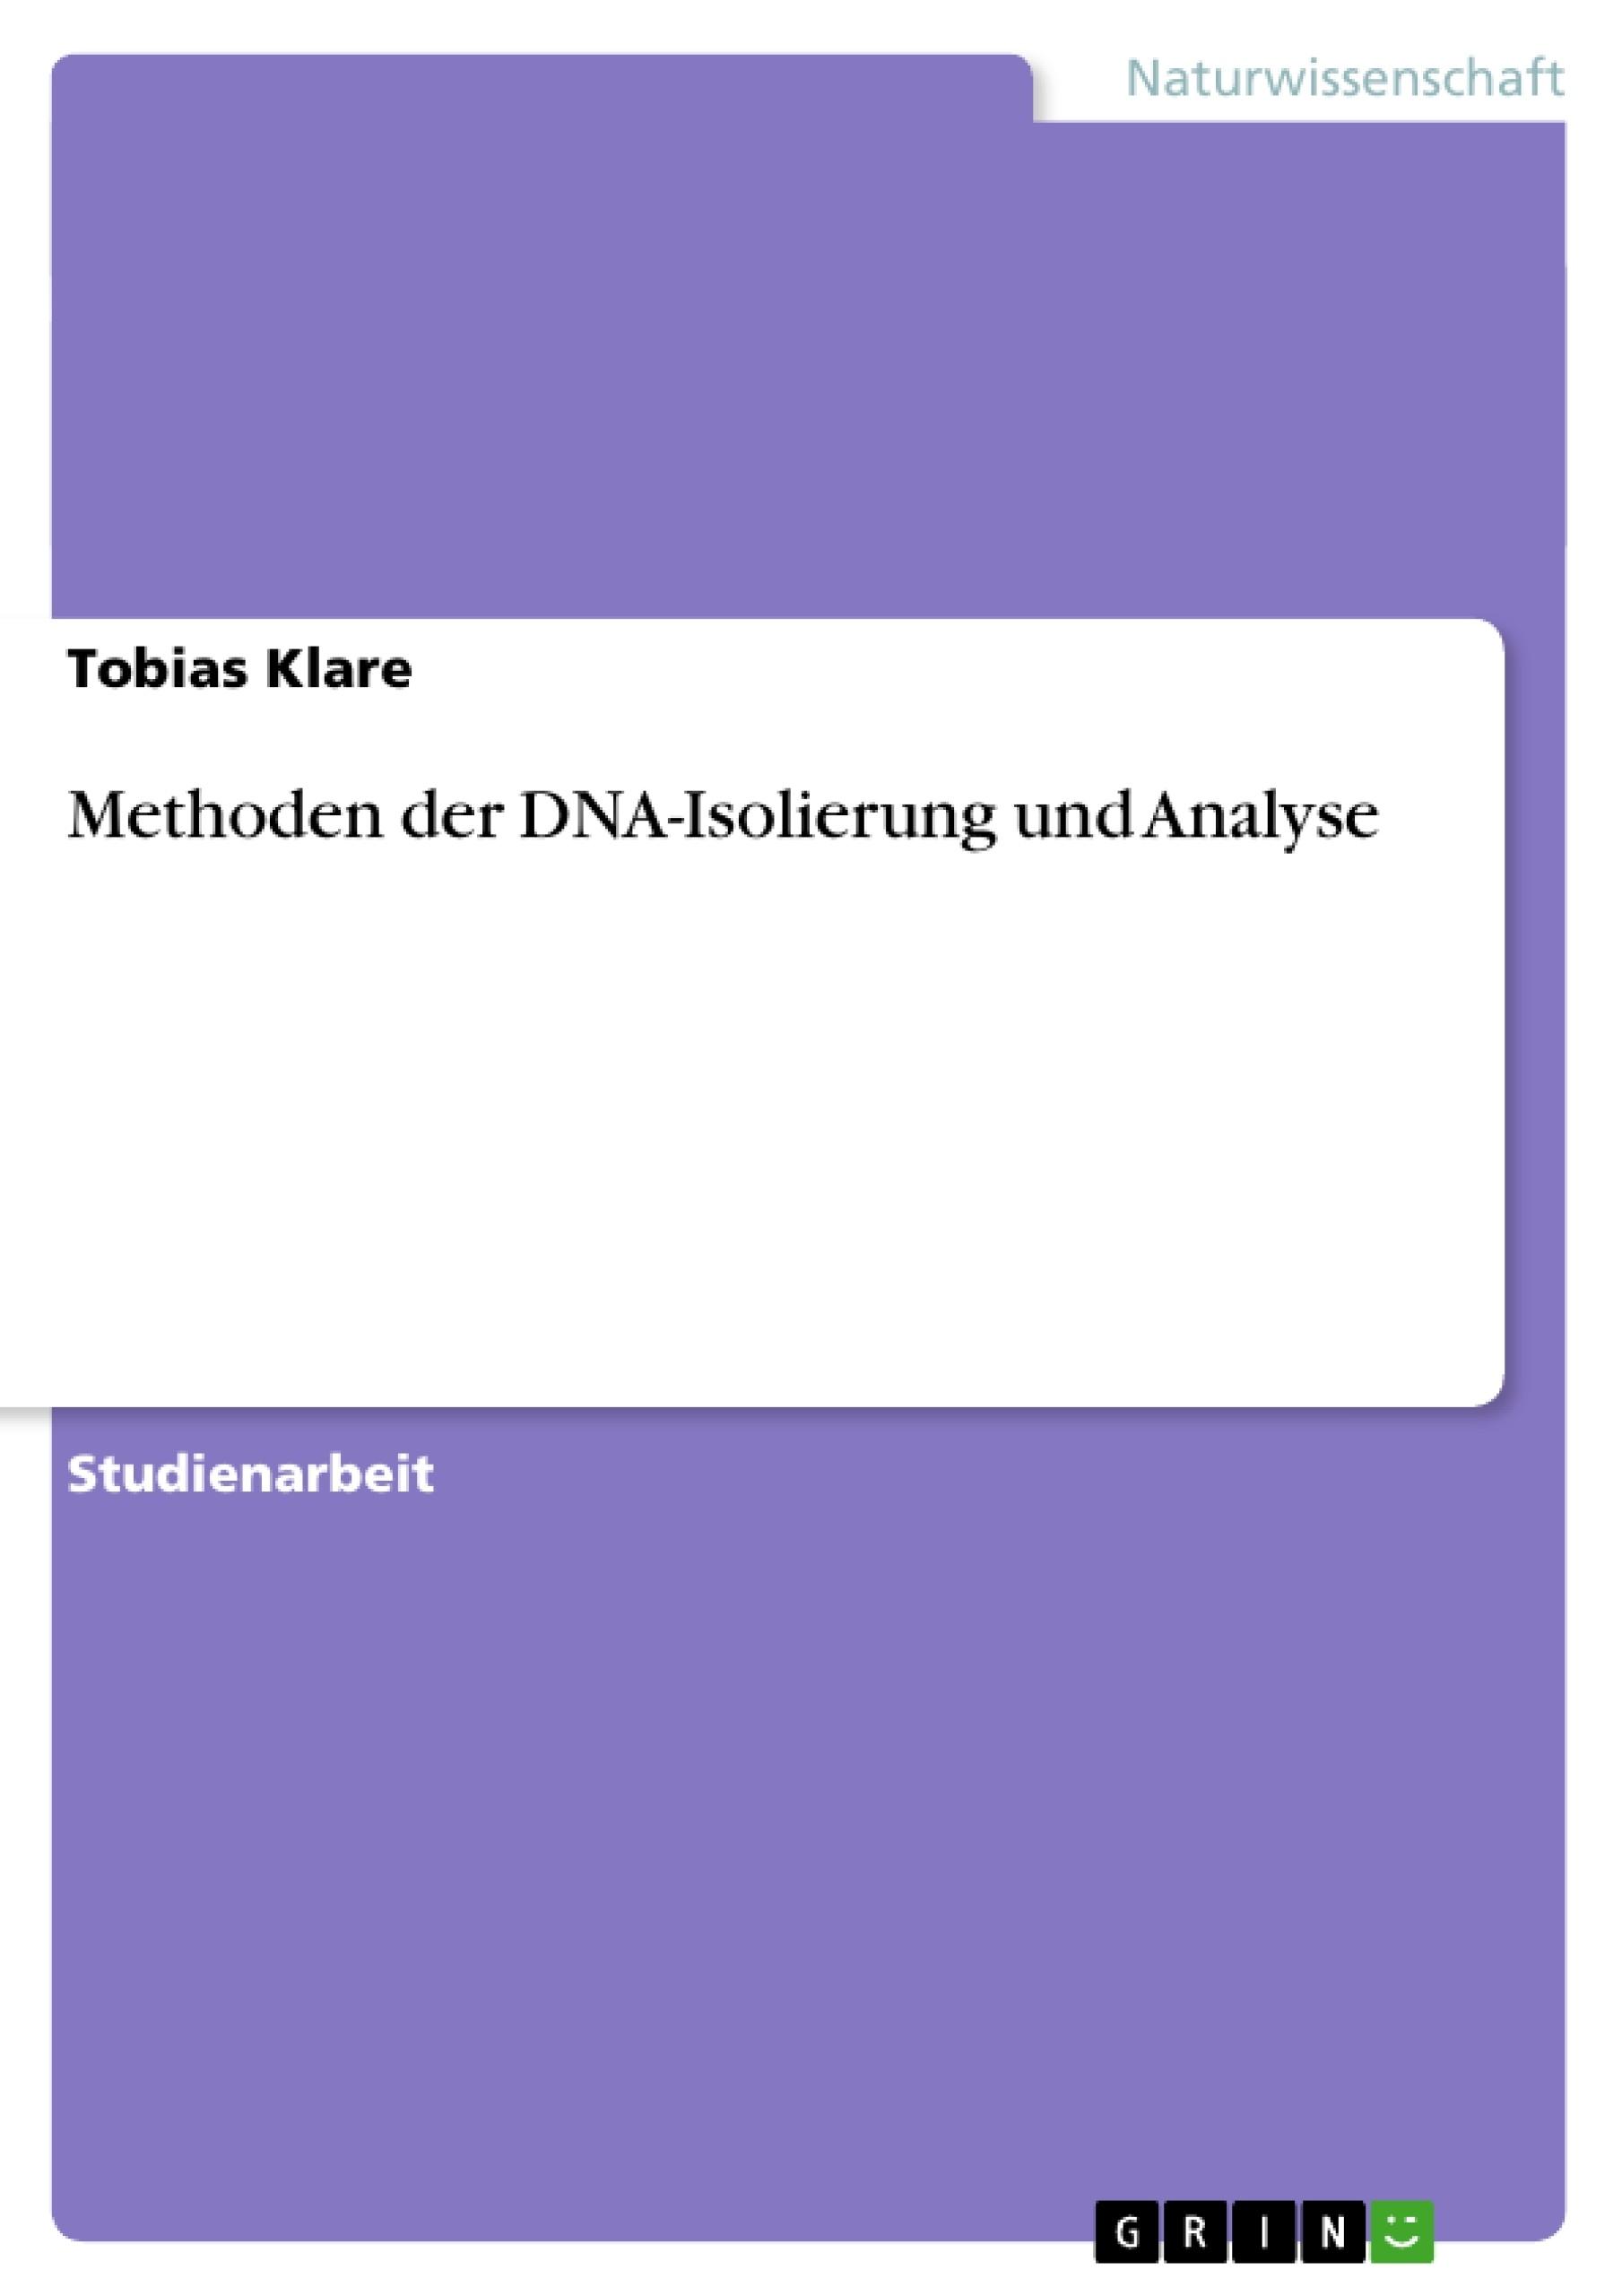 Titel: Methoden der DNA-Isolierung und Analyse